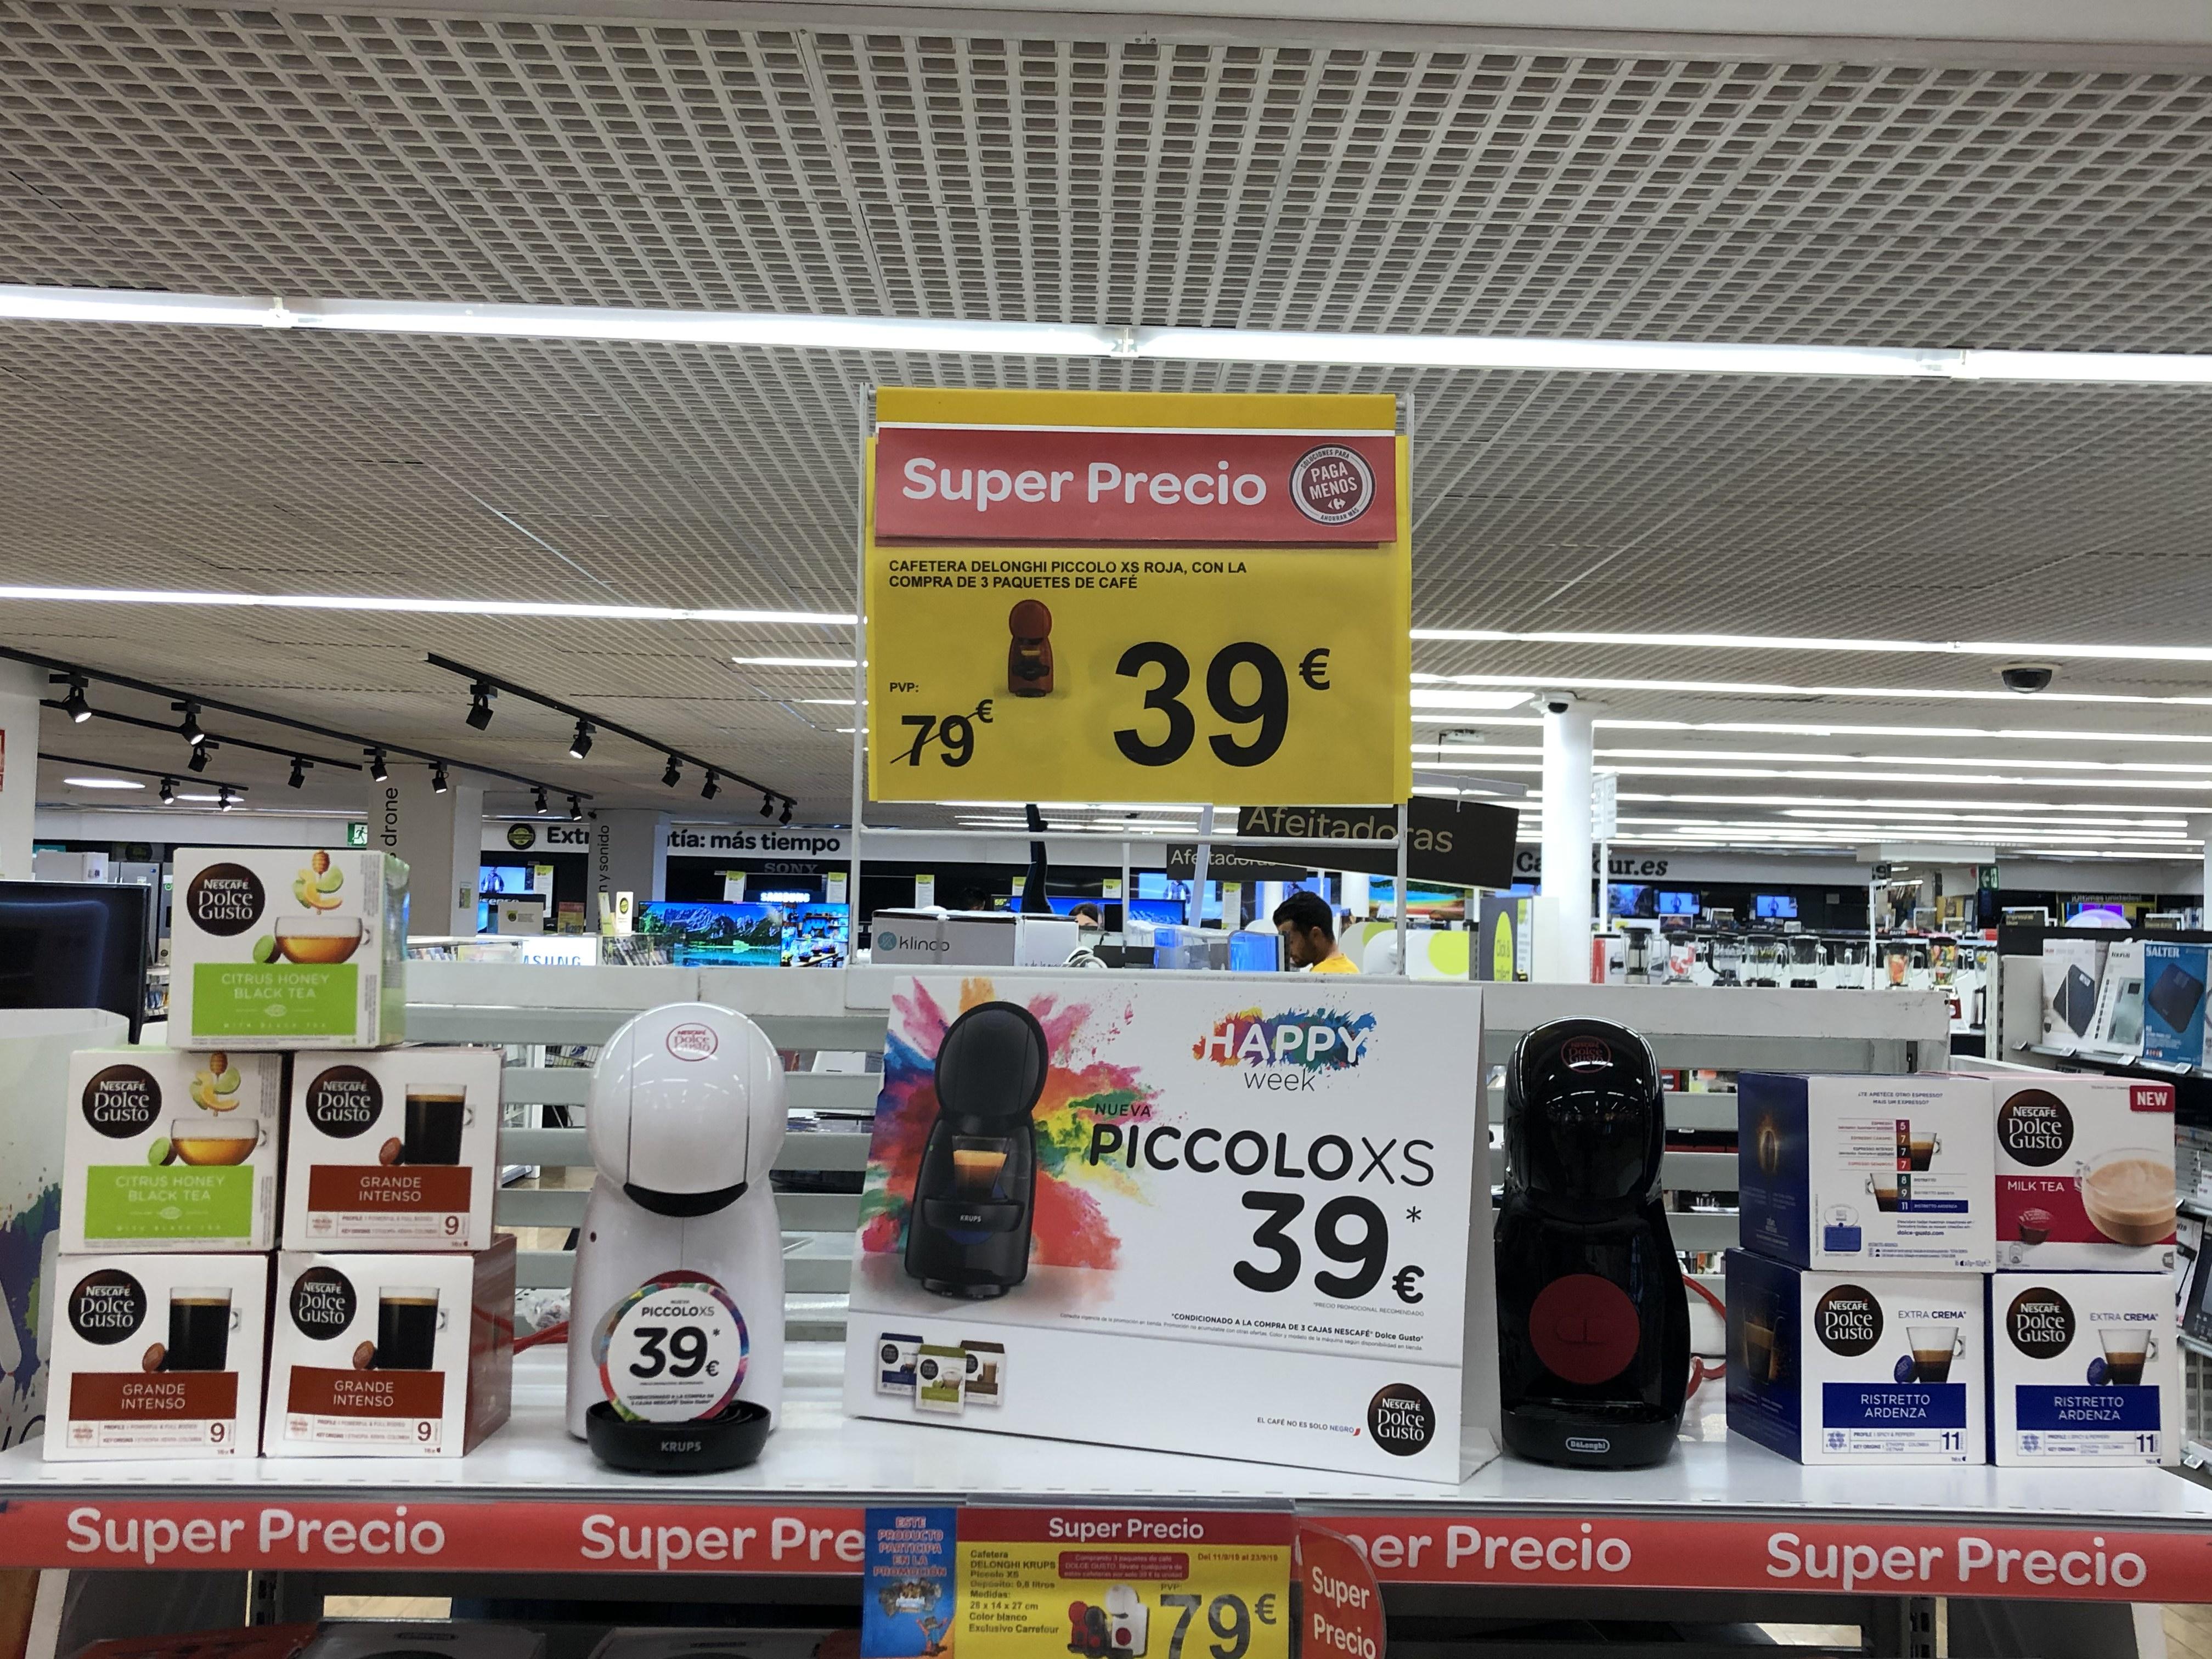 Cafetera Piccolo por 39€ con la compra de 3 paquetes de café (Carrefour Cartagena)